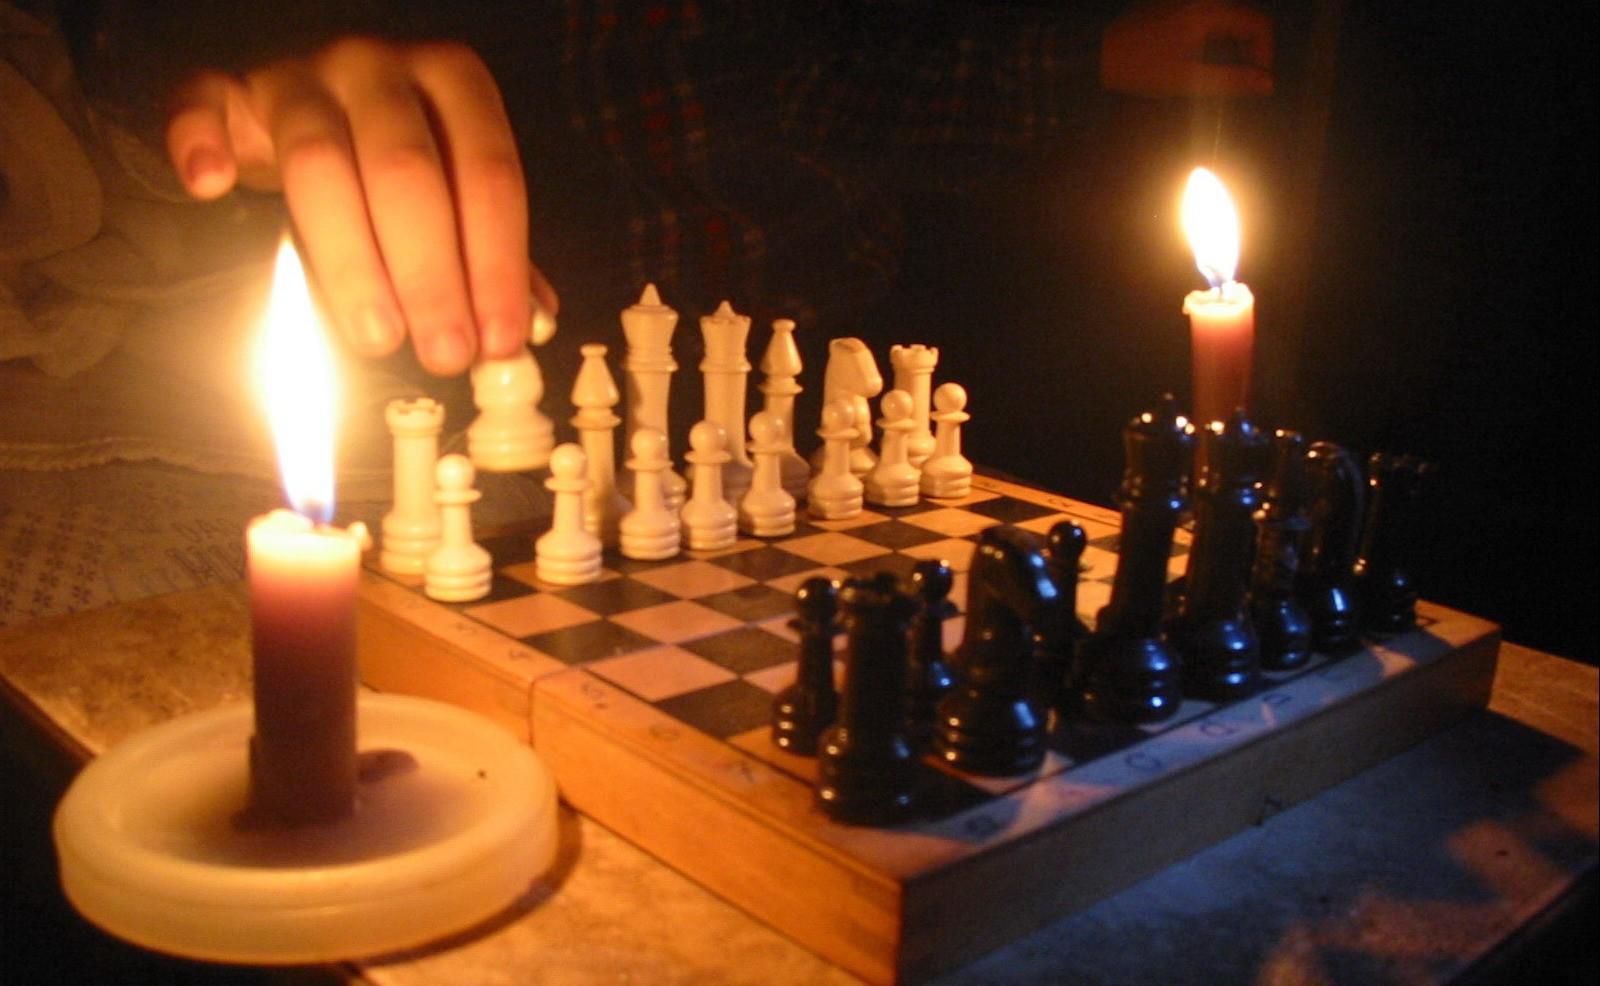 Притча Великі шахи та життя. Життя та шахи